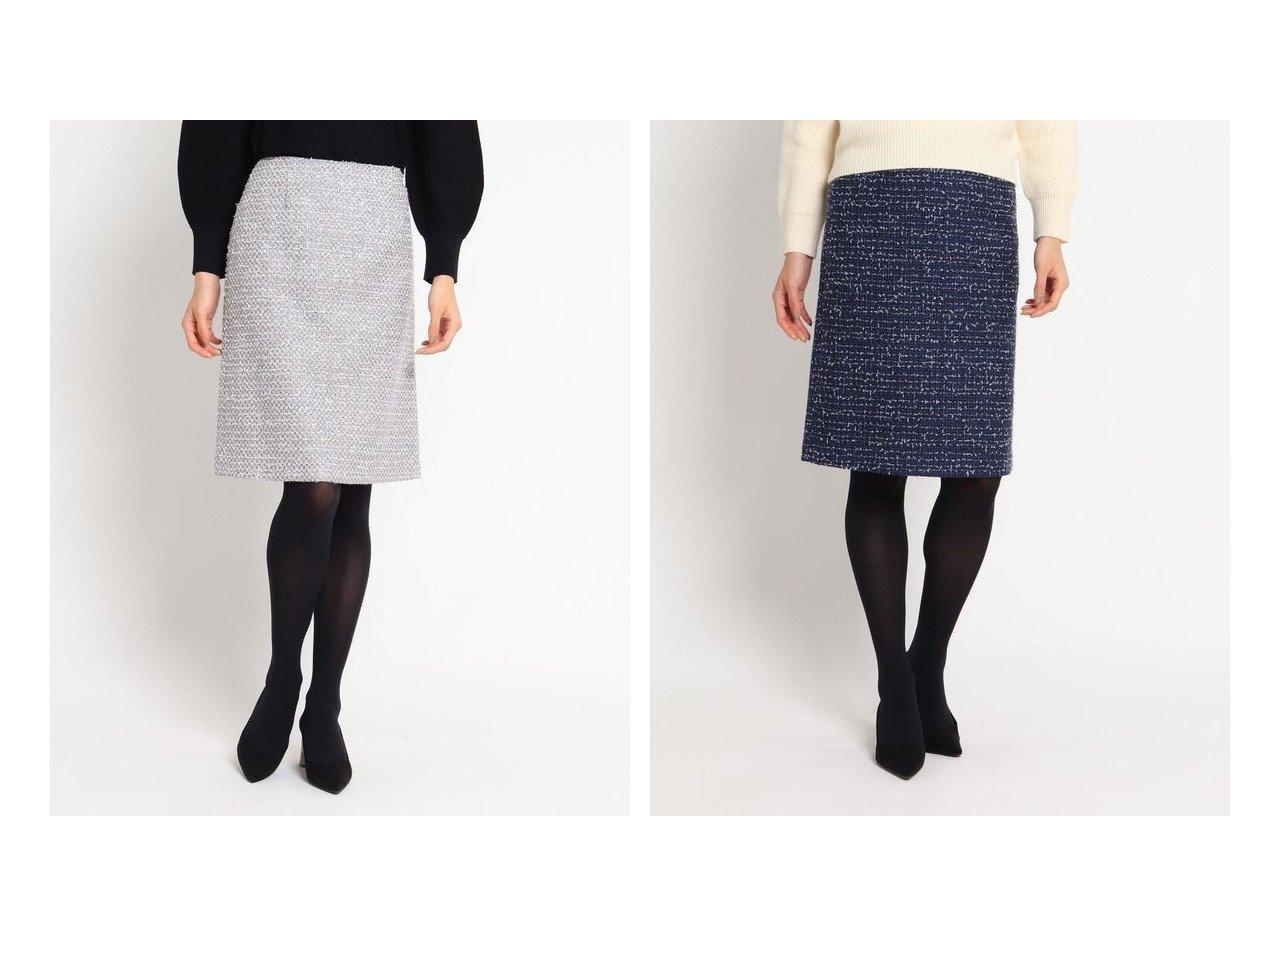 【COUP DE CHANCE/クード シャンス】のロザリーツィードスカート スカートのおすすめ!人気、レディースファッションの通販 おすすめで人気のファッション通販商品 インテリア・家具・キッズファッション・メンズファッション・レディースファッション・服の通販 founy(ファニー) https://founy.com/ ファッション Fashion レディース WOMEN スカート Skirt タイトスカート ツイード フレア ポケット |ID:crp329100000003028